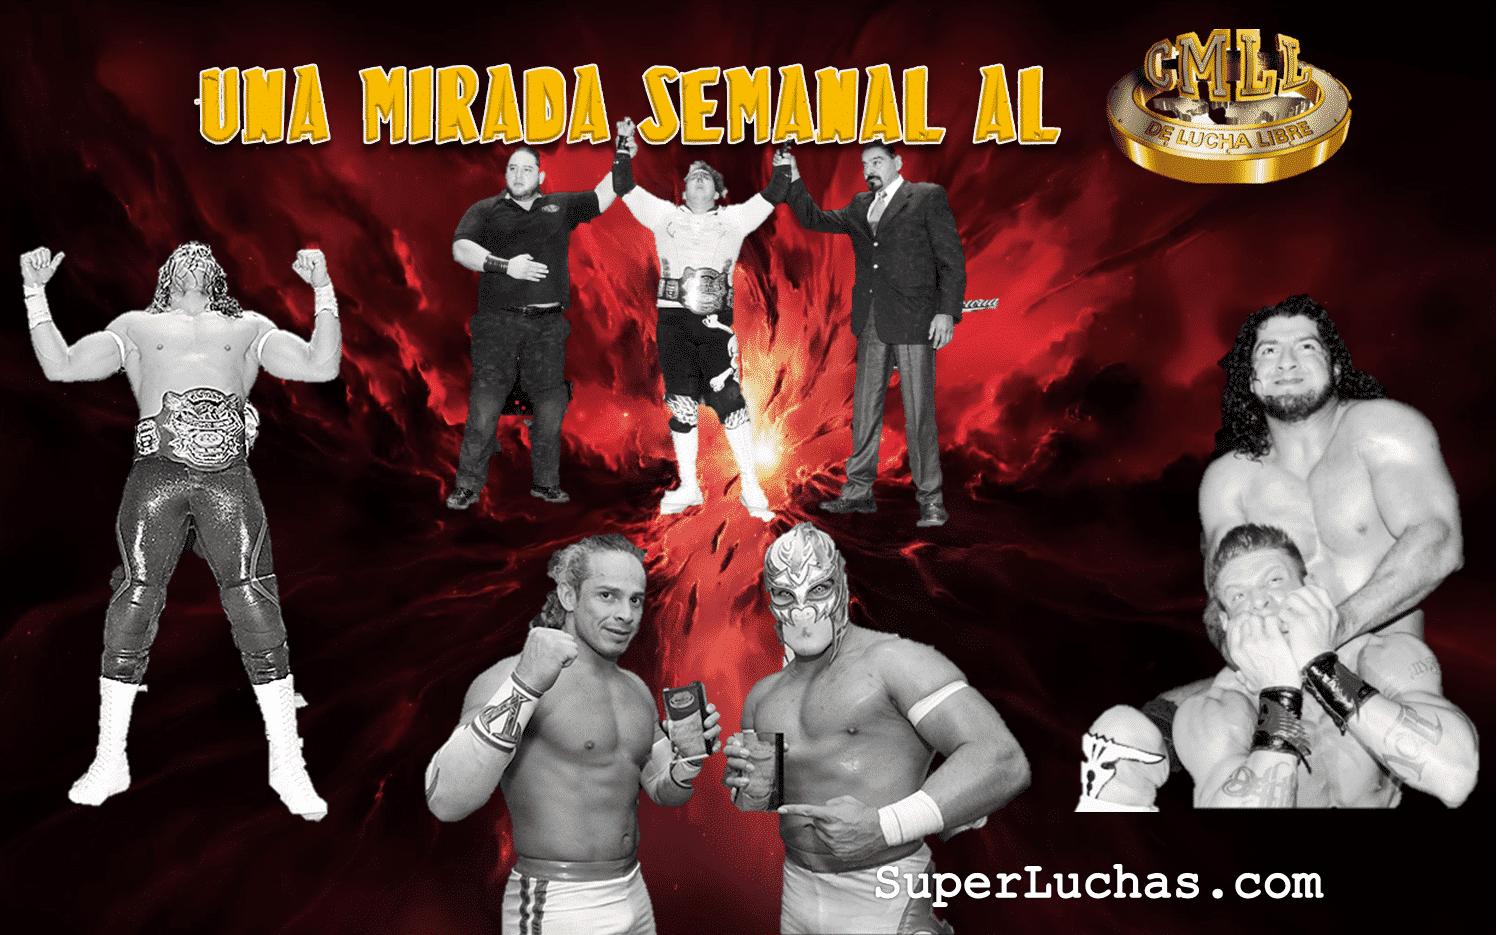 CMLL: Una mirada semanal al CMLL (del 31 de marzo al 6 de abril de 2016) – Rush va por Corleone, Bucanero retiene en aniversario de la Coliseo, Esfinge se lleva la Gran Alternativa, LA Park en Elite y mucho más... 1